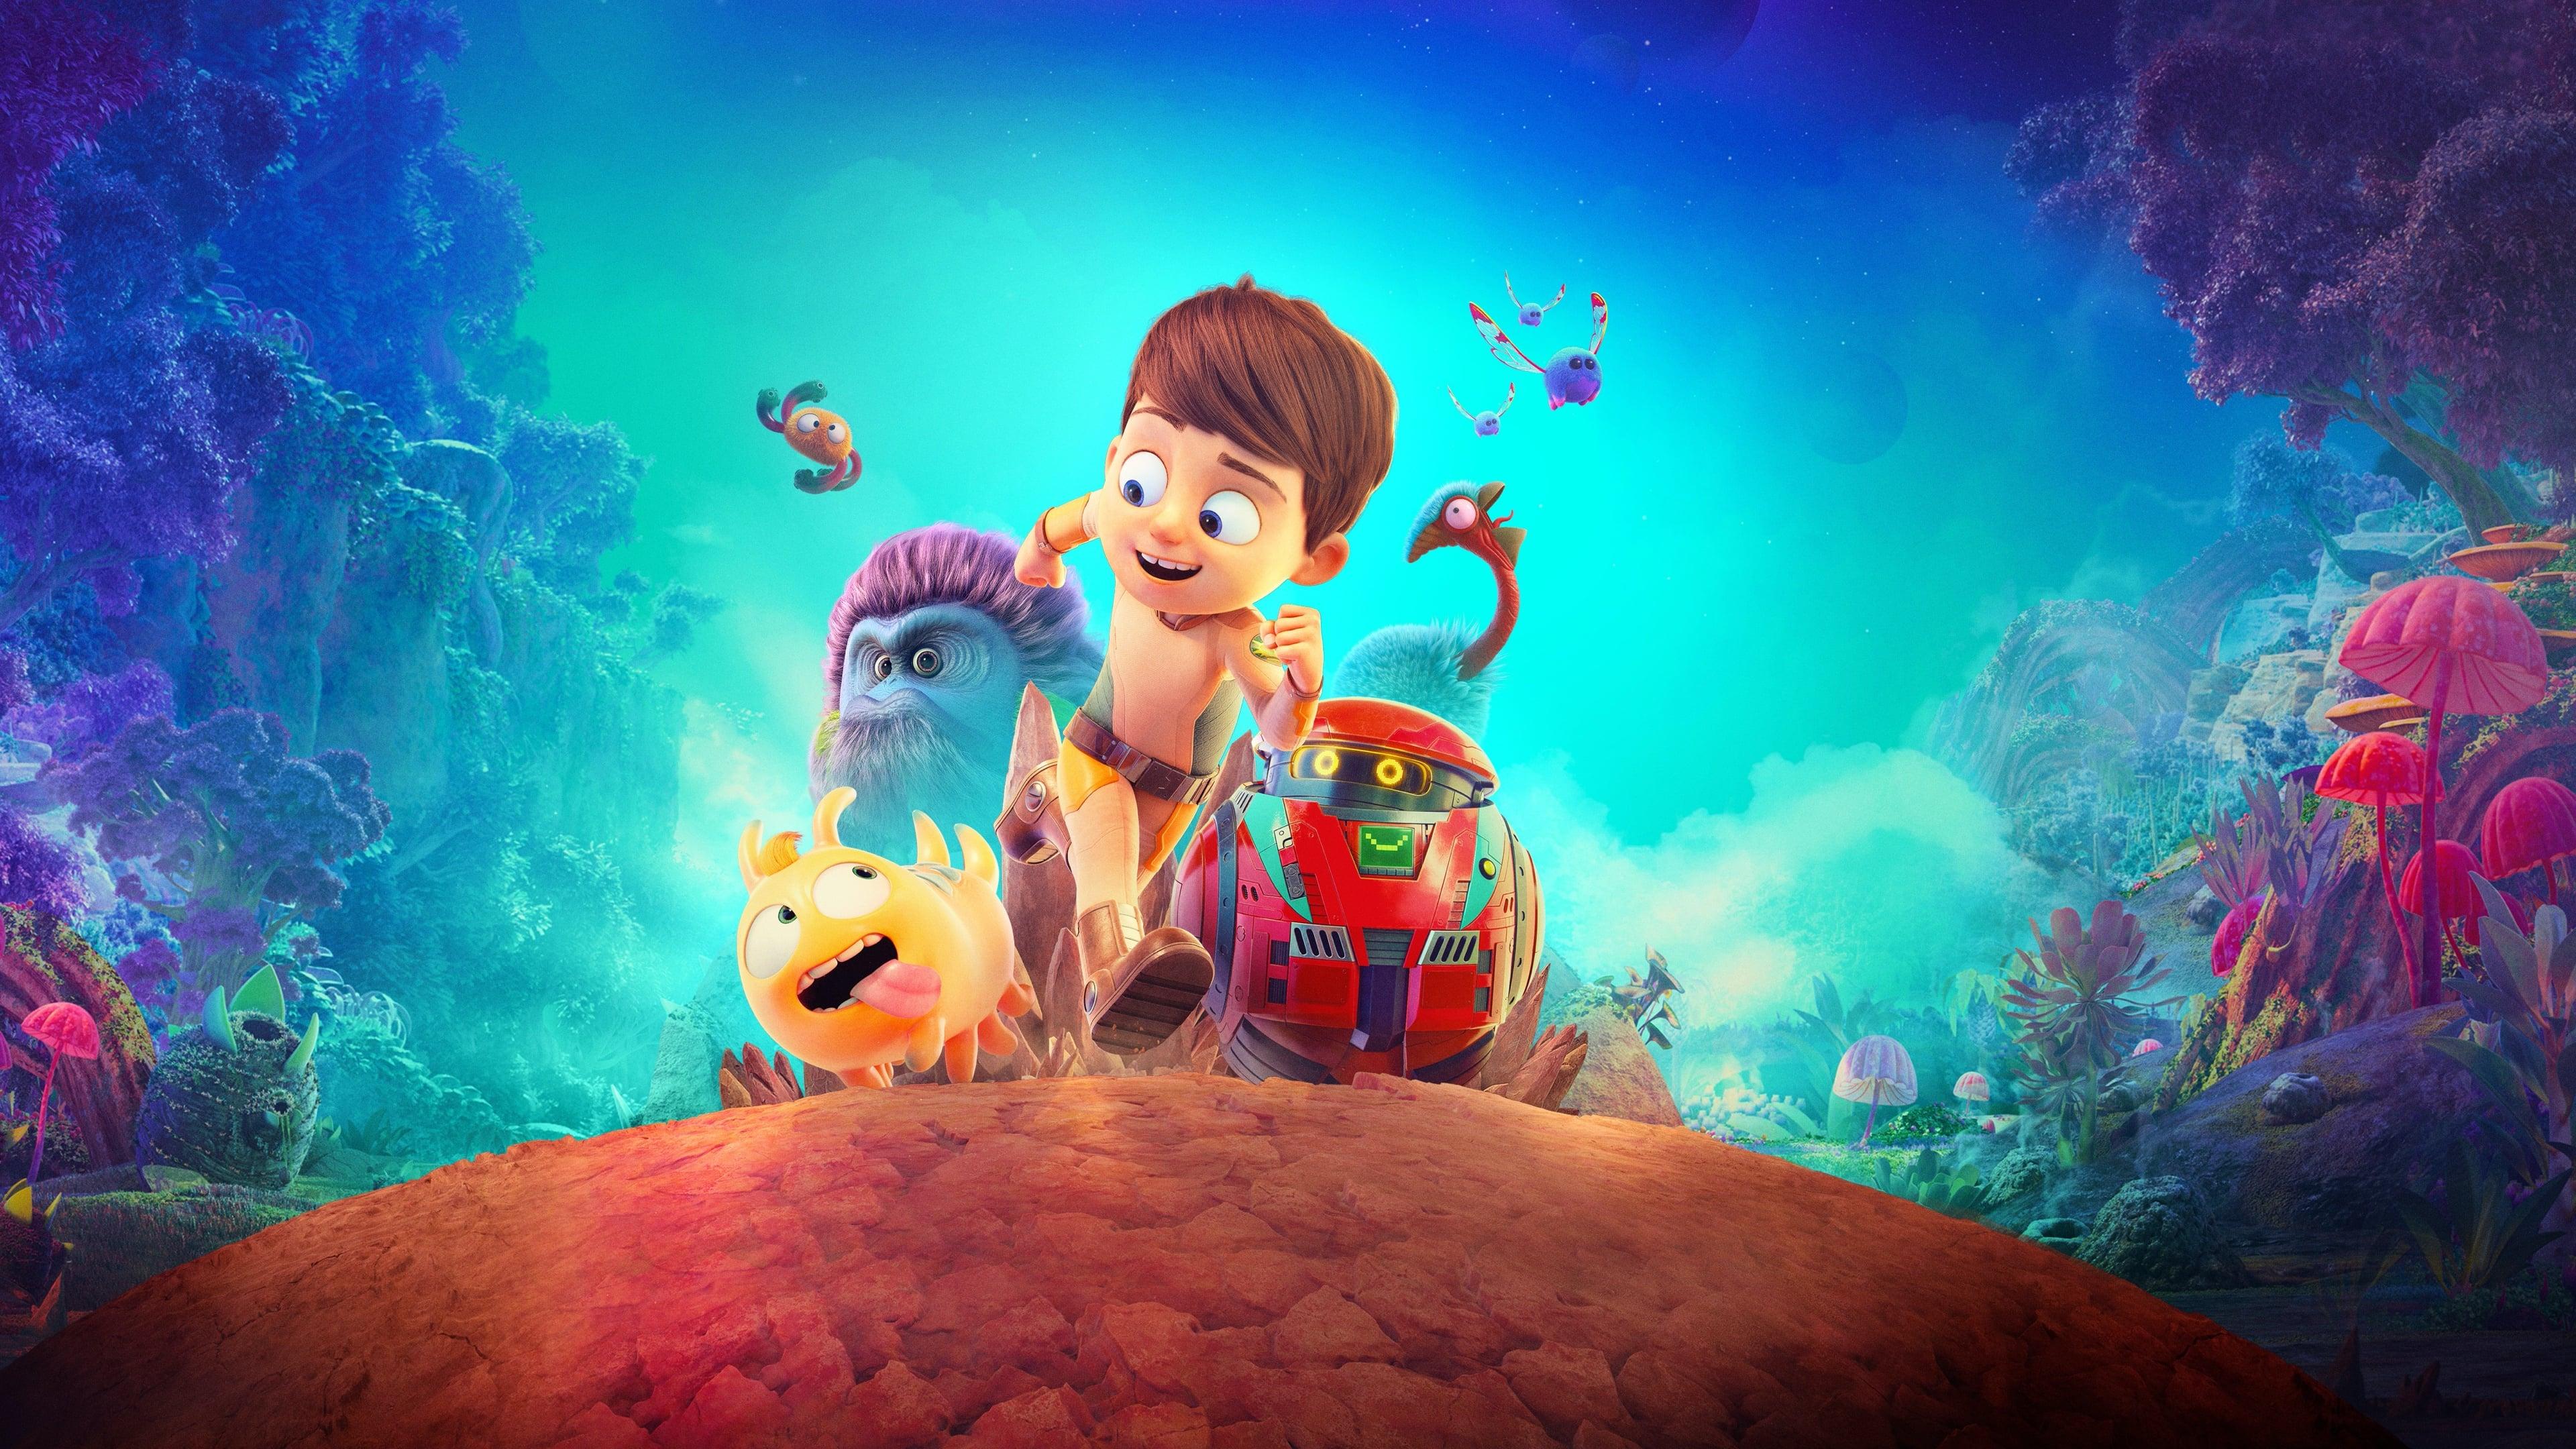 DESCARGAR Terra Willy: Planeta desconocido (2019) pelicula completa en español latino Gratis